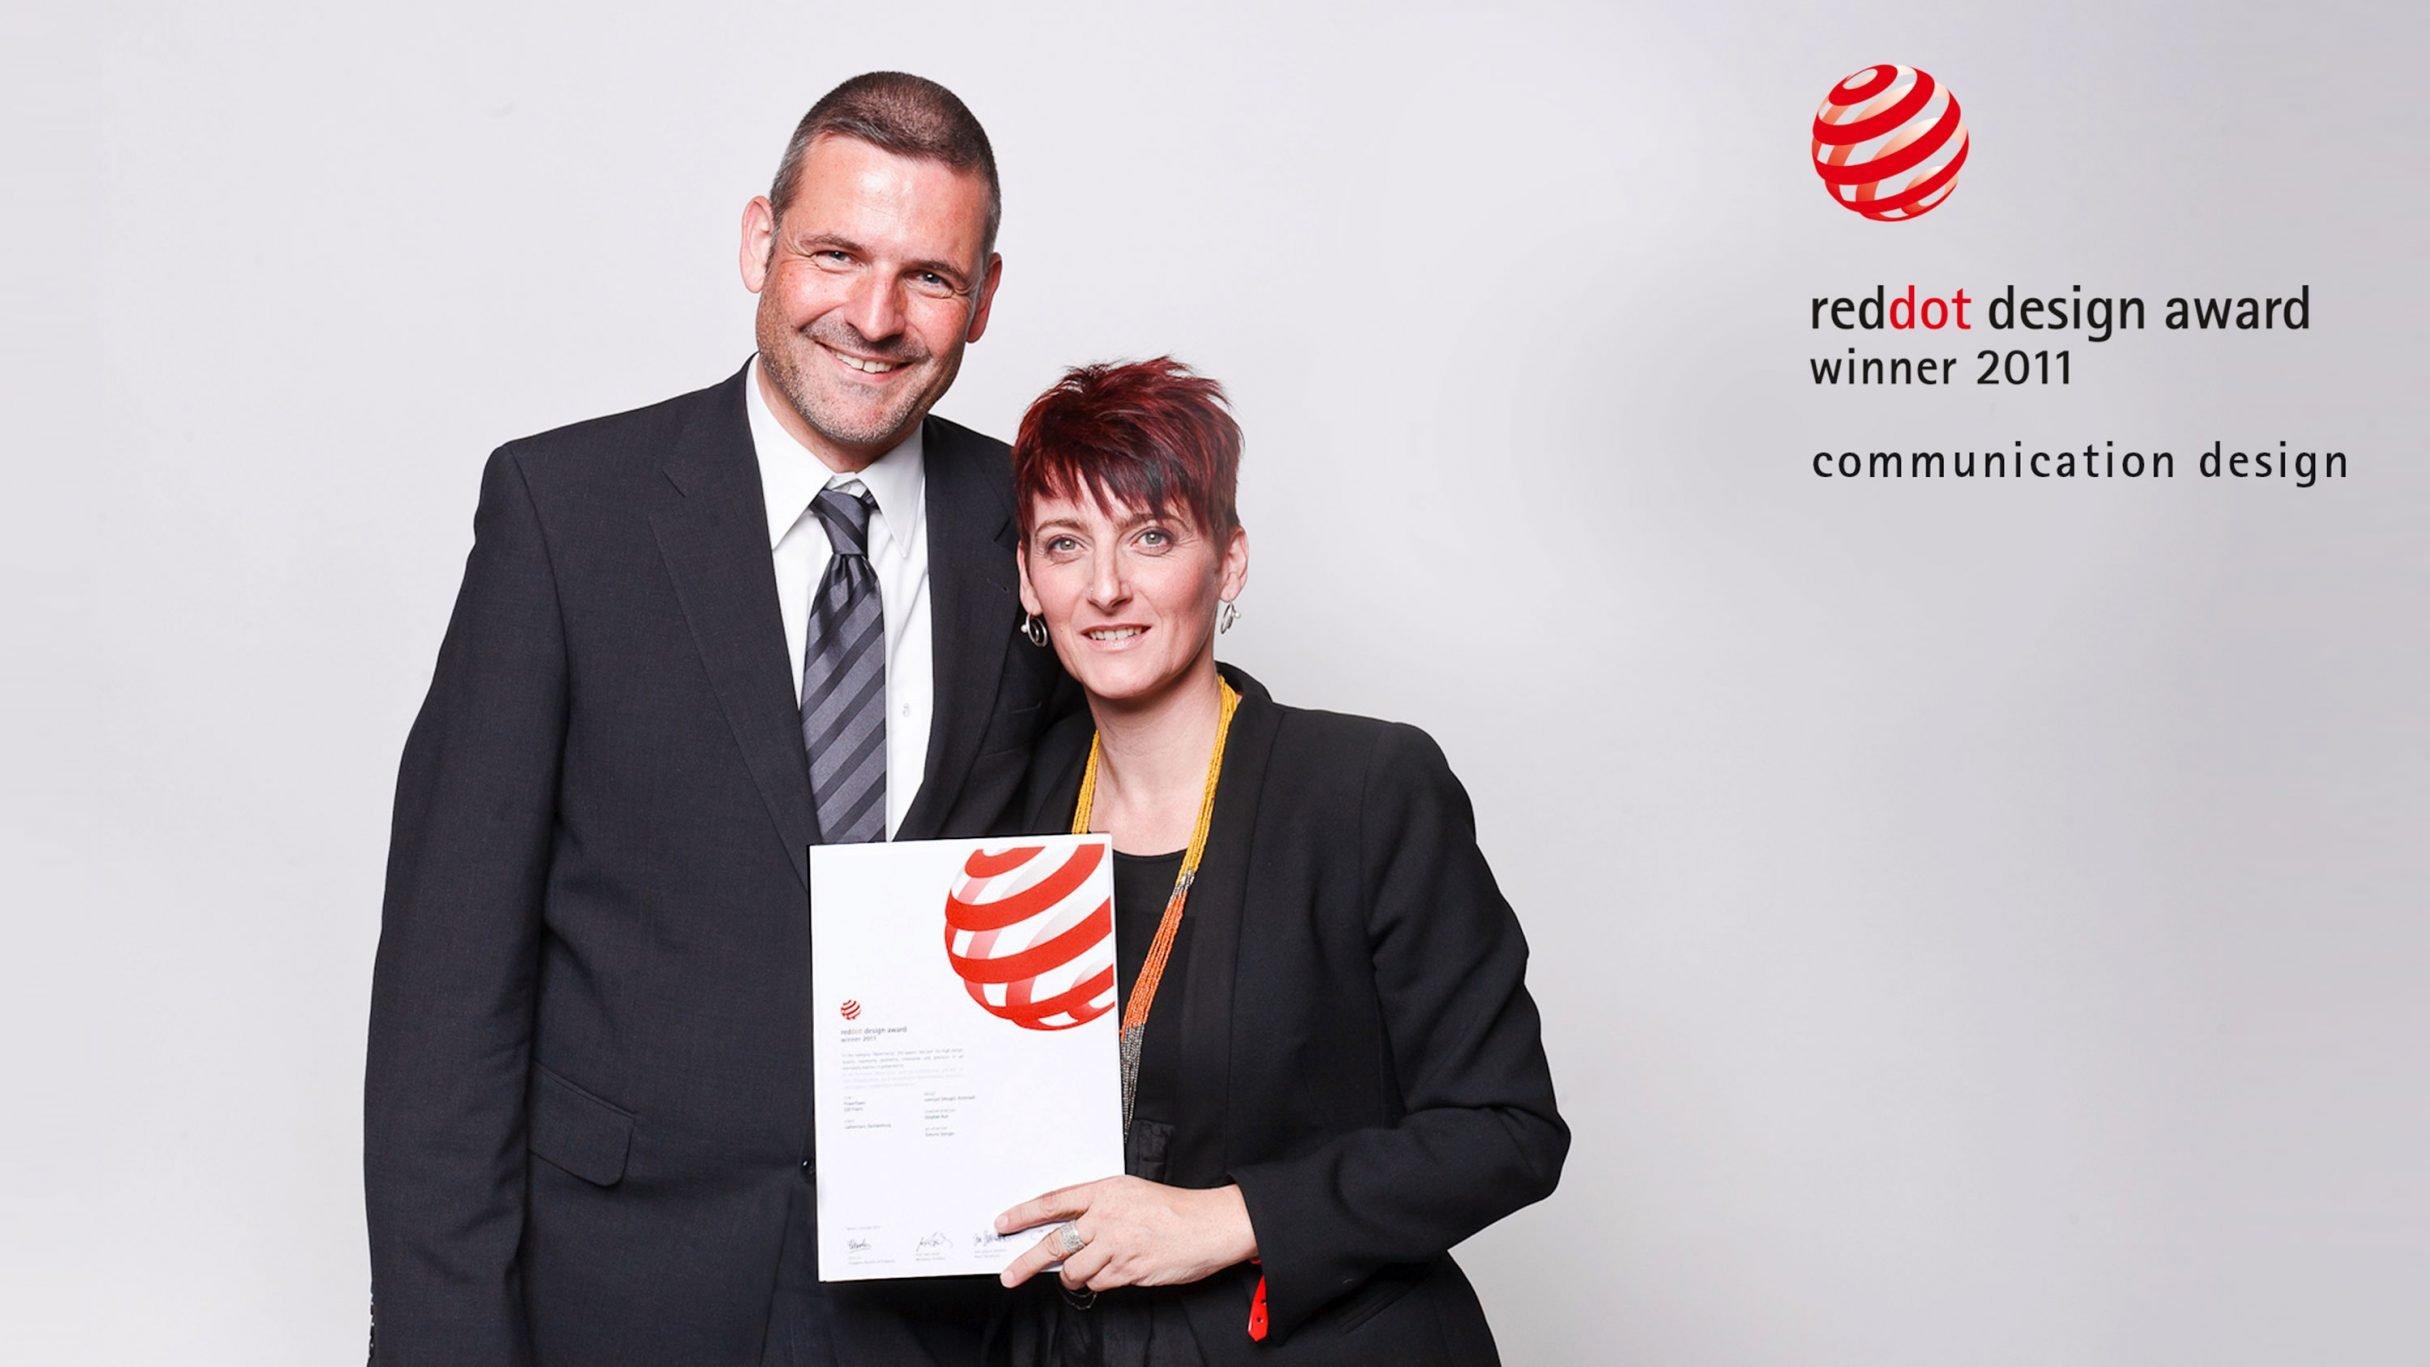 Communication Design, Flyer Power Tower, reddot design award winner 2011, Simone und Stephan: DIE NEUDENKER® Agentur, Darmstadt